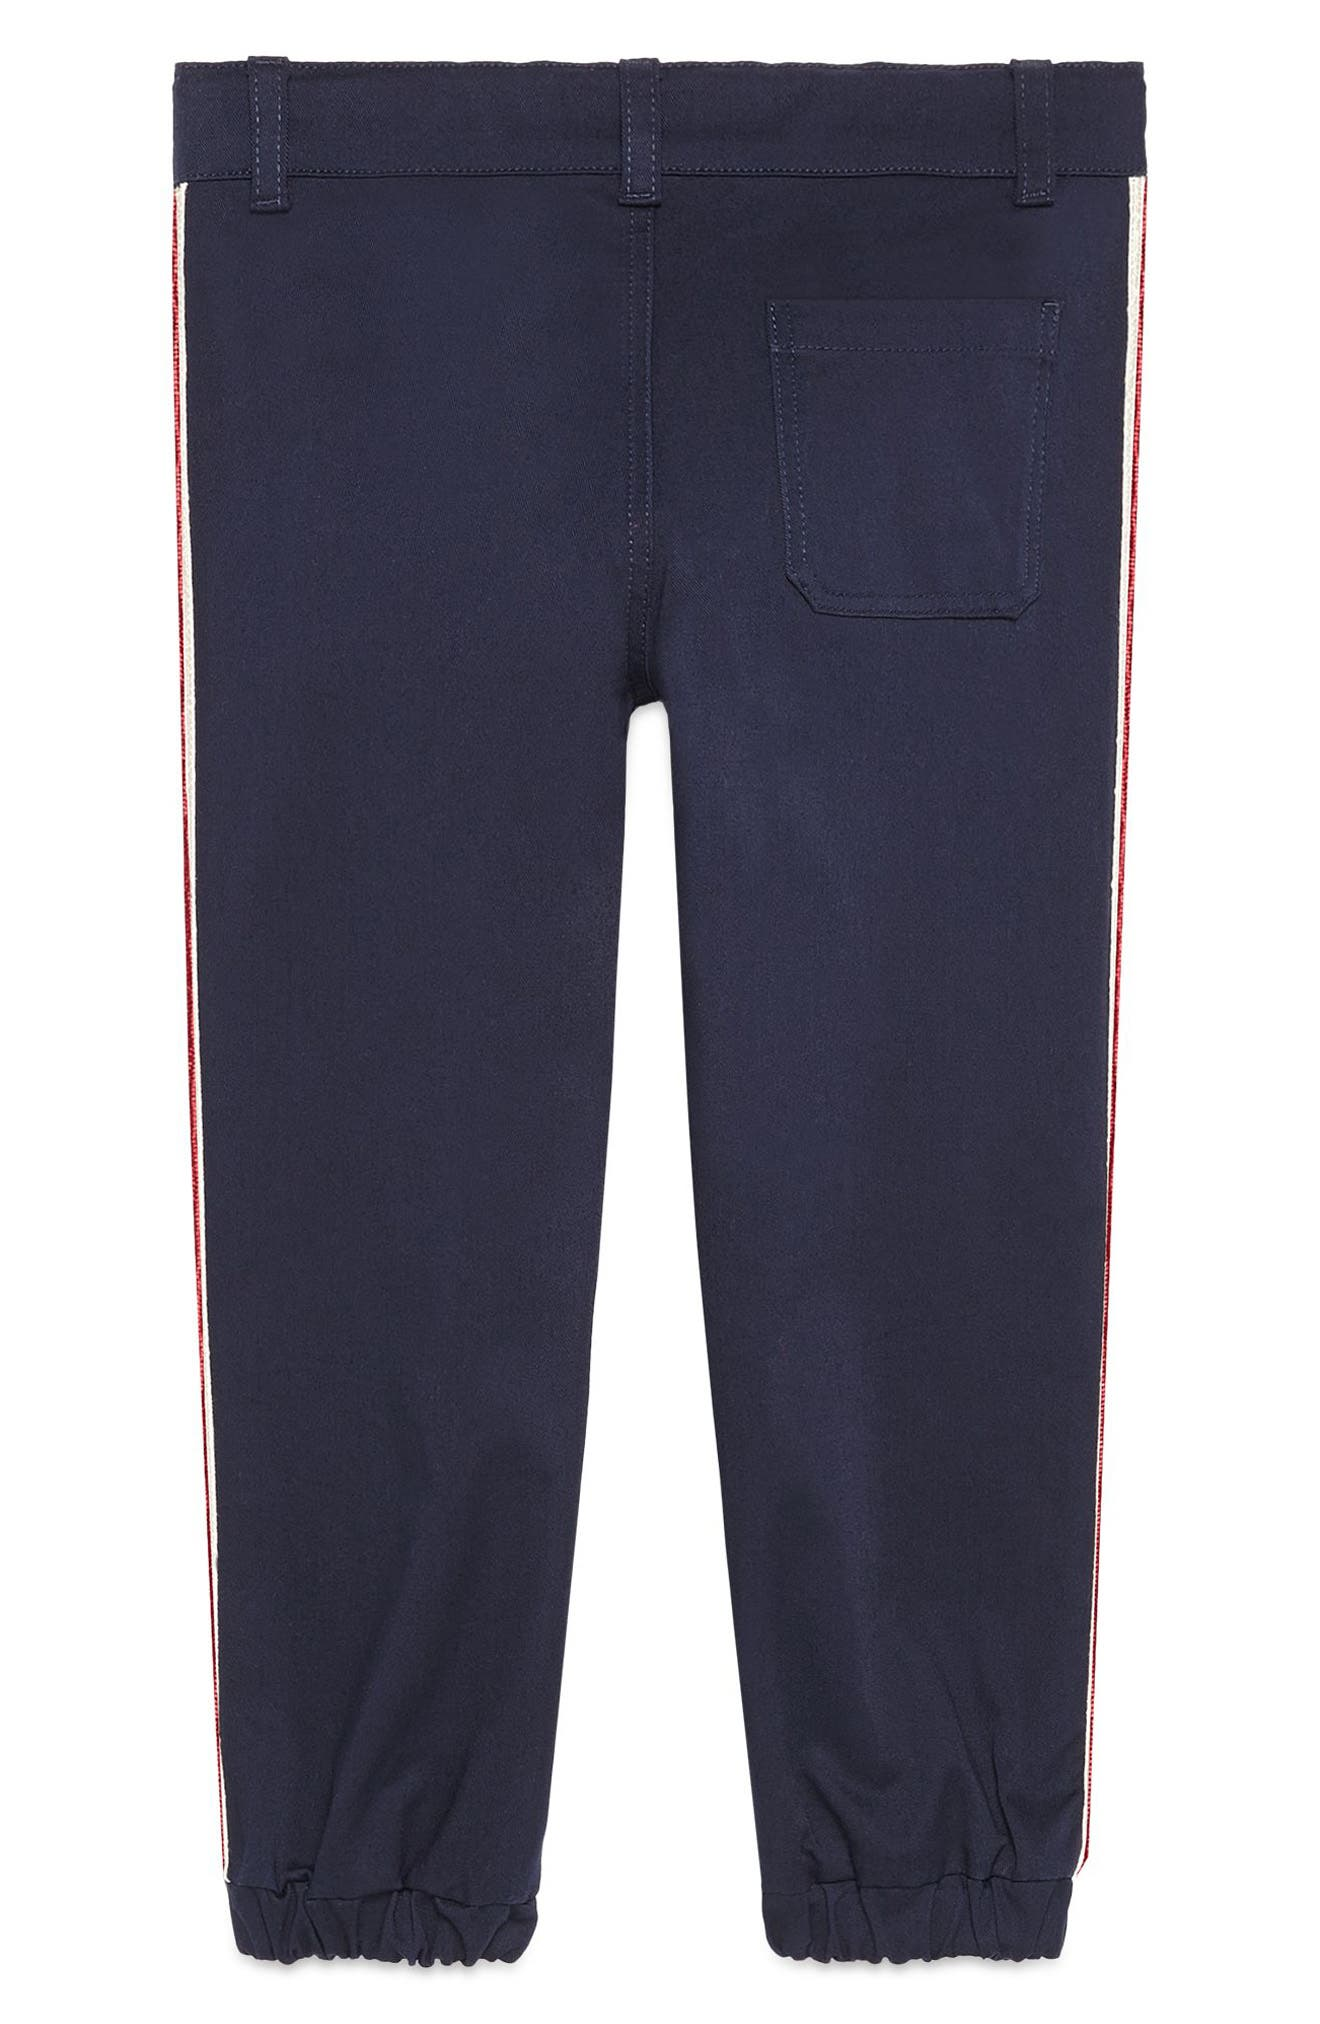 Stripe Pants,                             Main thumbnail 1, color,                             BLUE MULTI